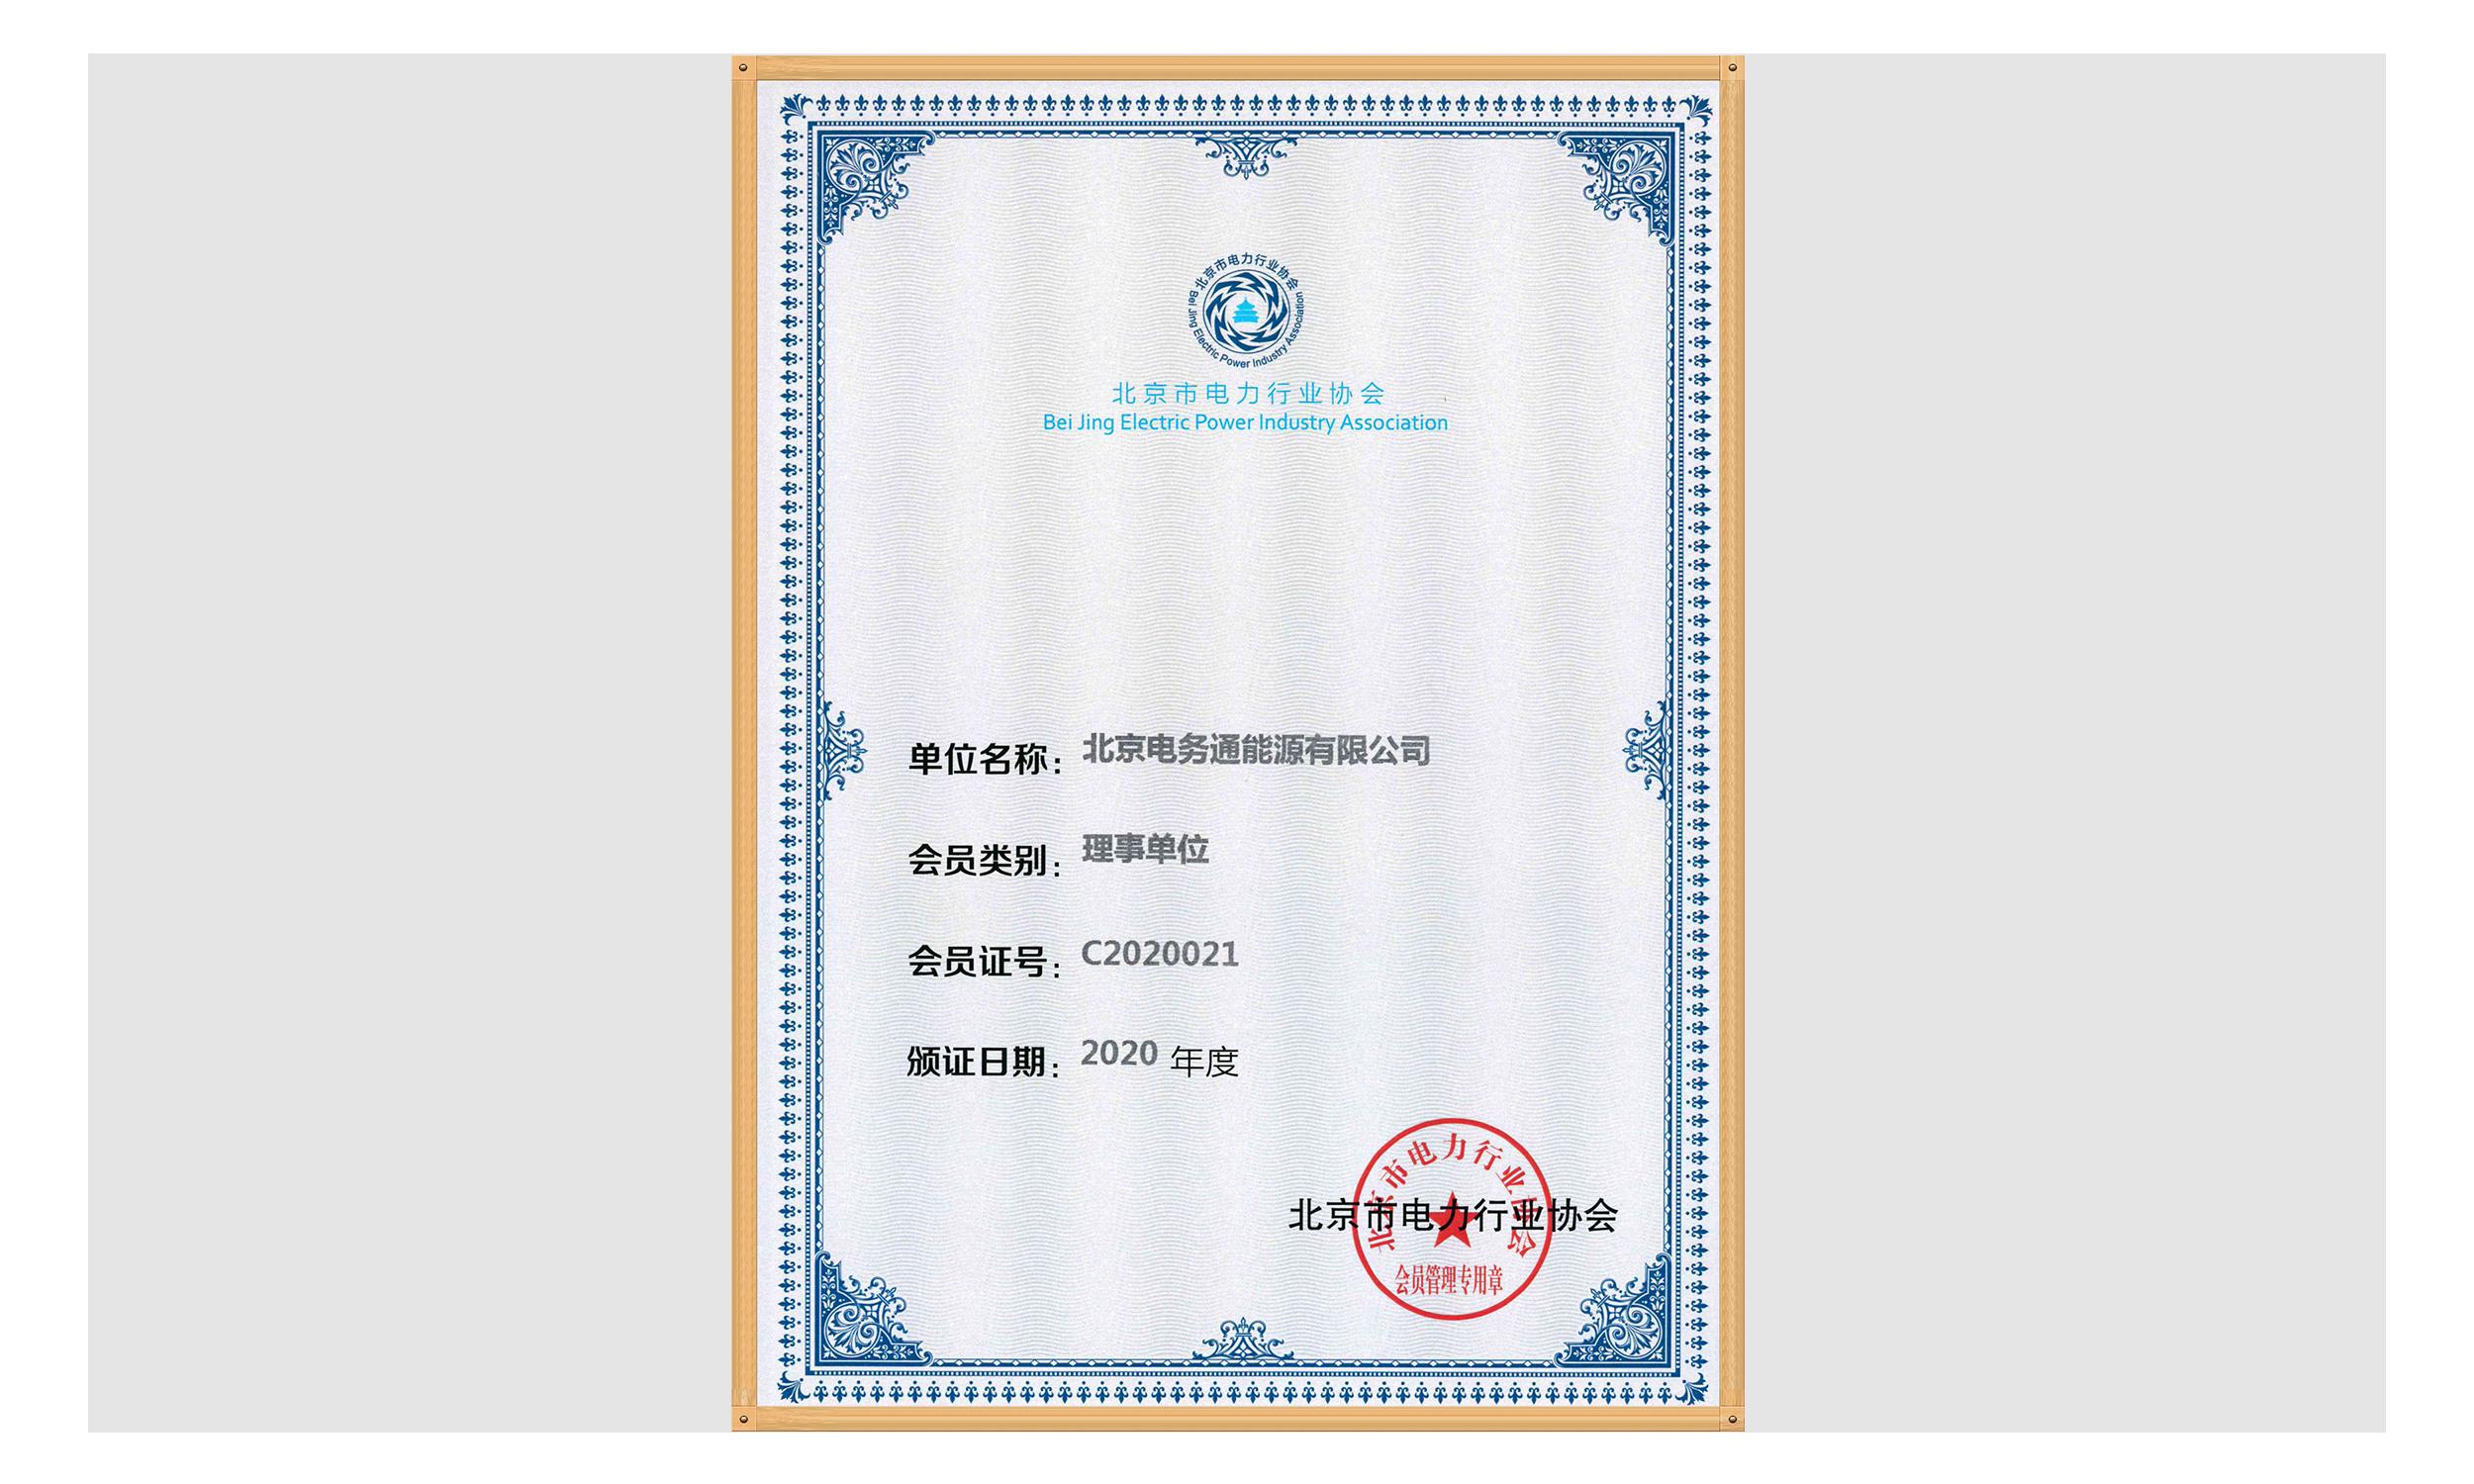 電力協會會員證書